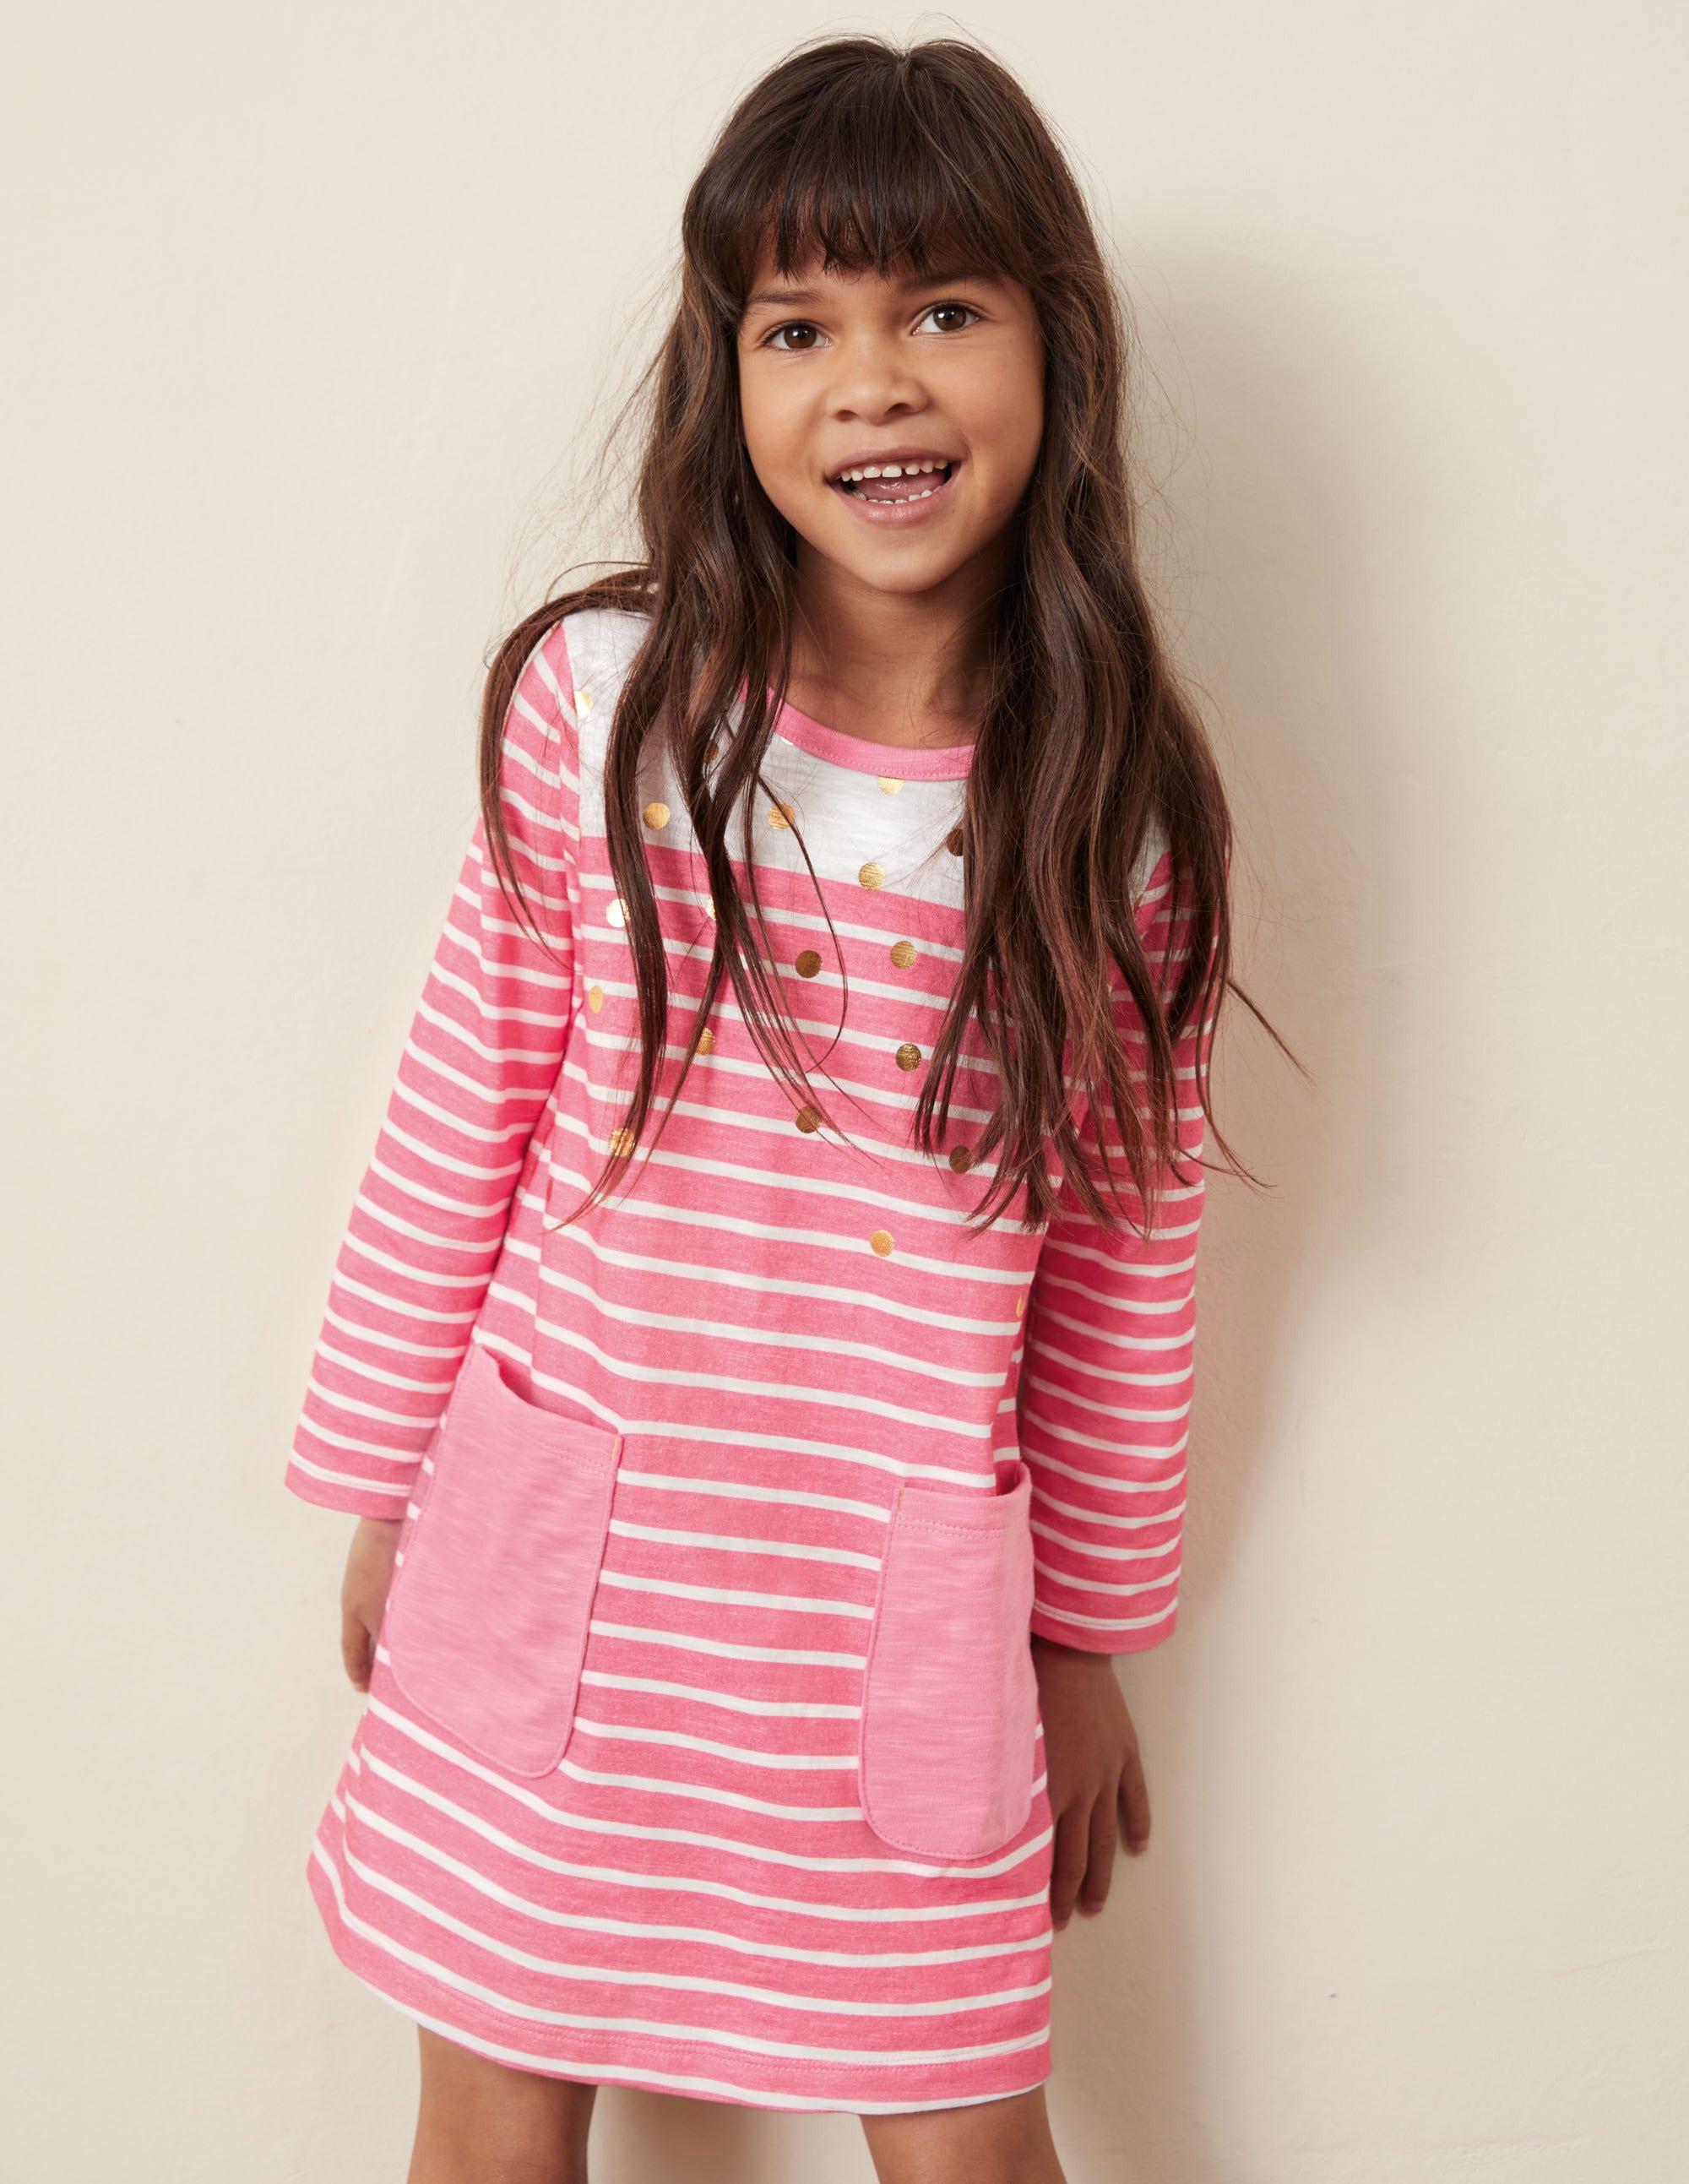 Boden Fun Pocket Jersey Dress - Pink Lemonade Gold Spot